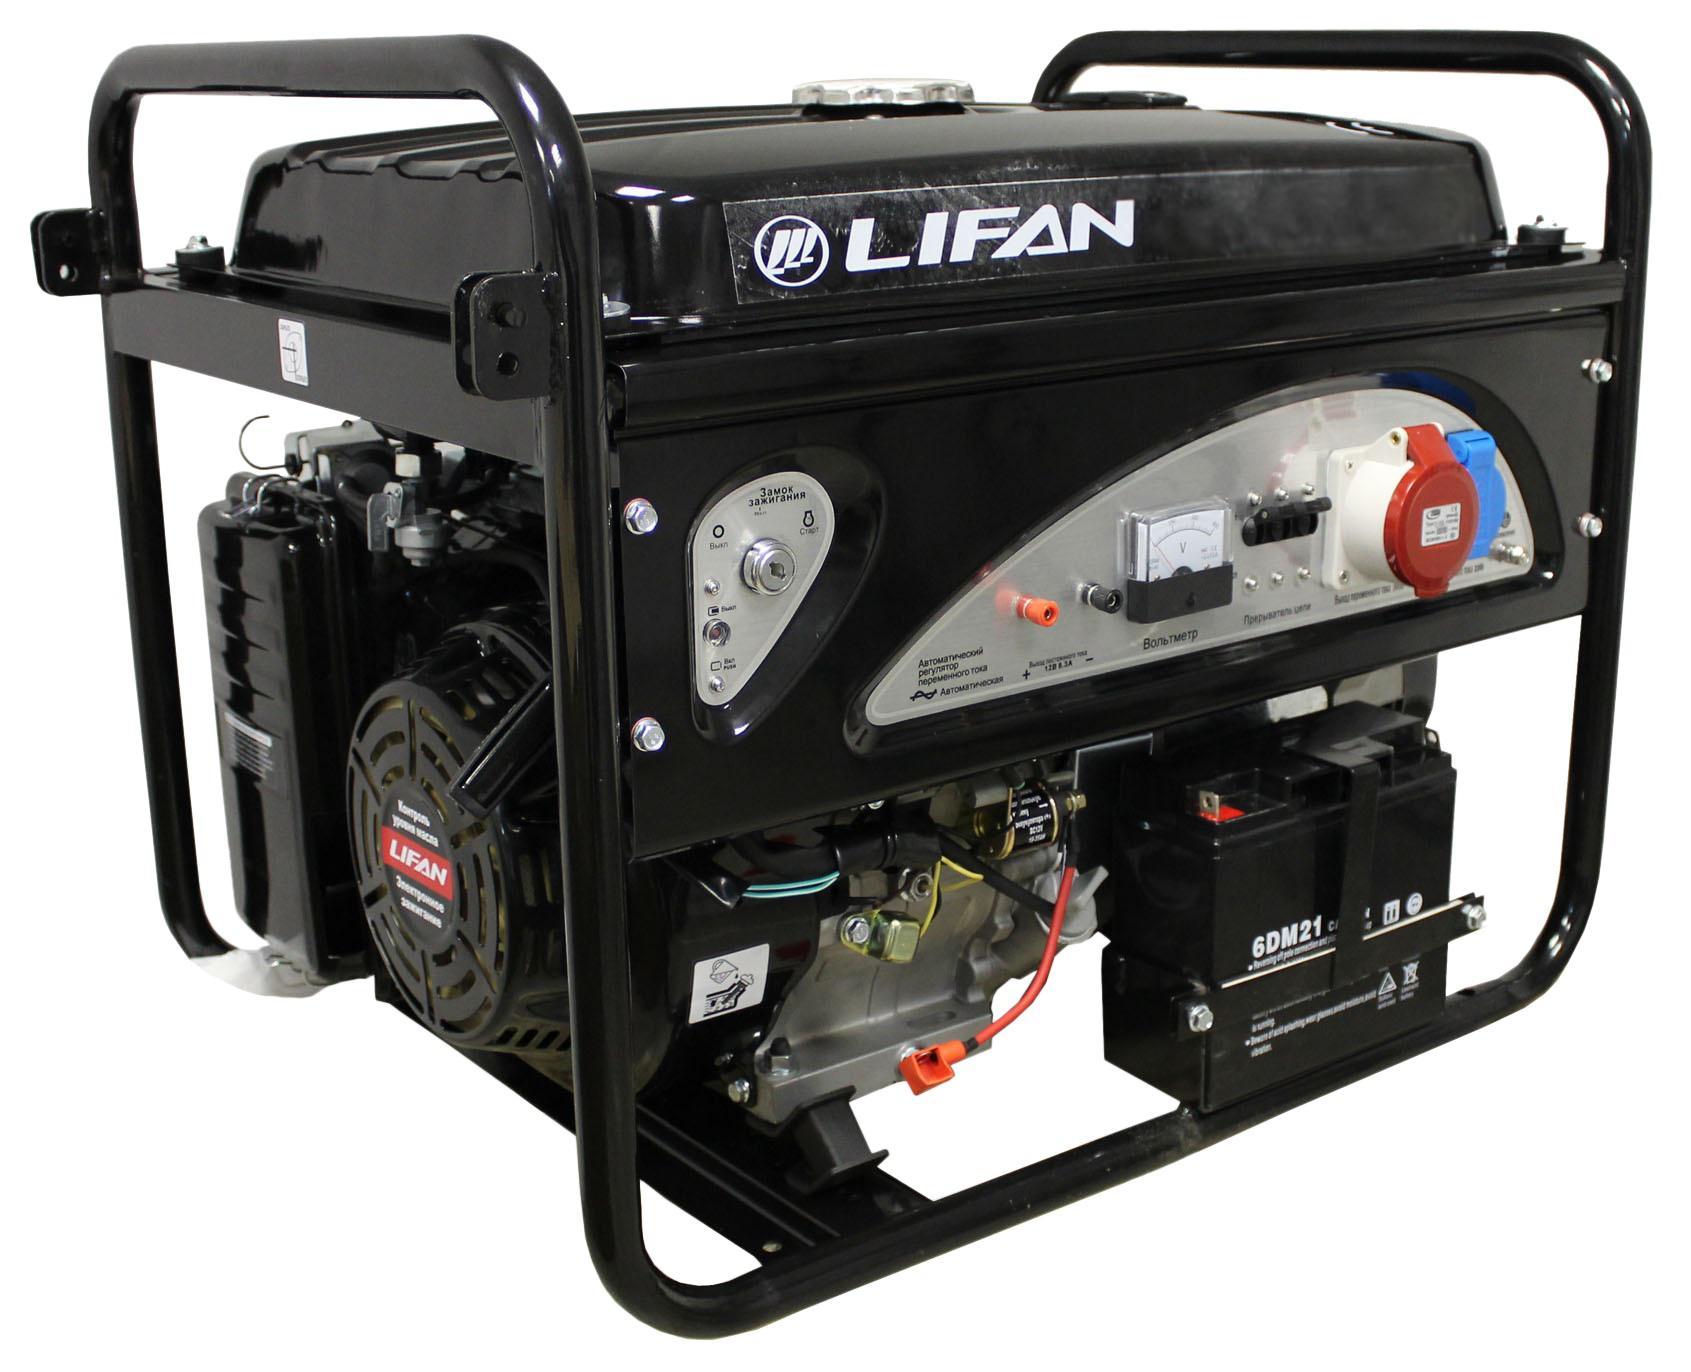 Генератор Lifan 6gf2-4 двигатель lifan 168f 2l